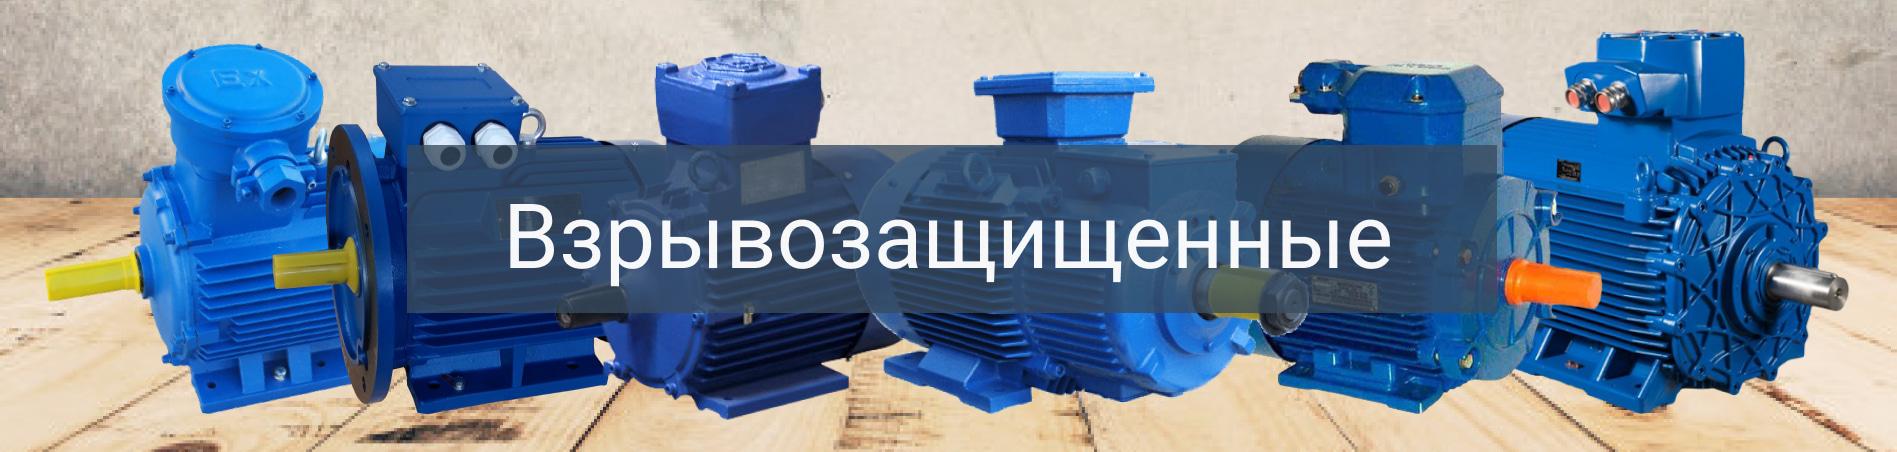 Взрывозащищенные электродвигатели 30 квт